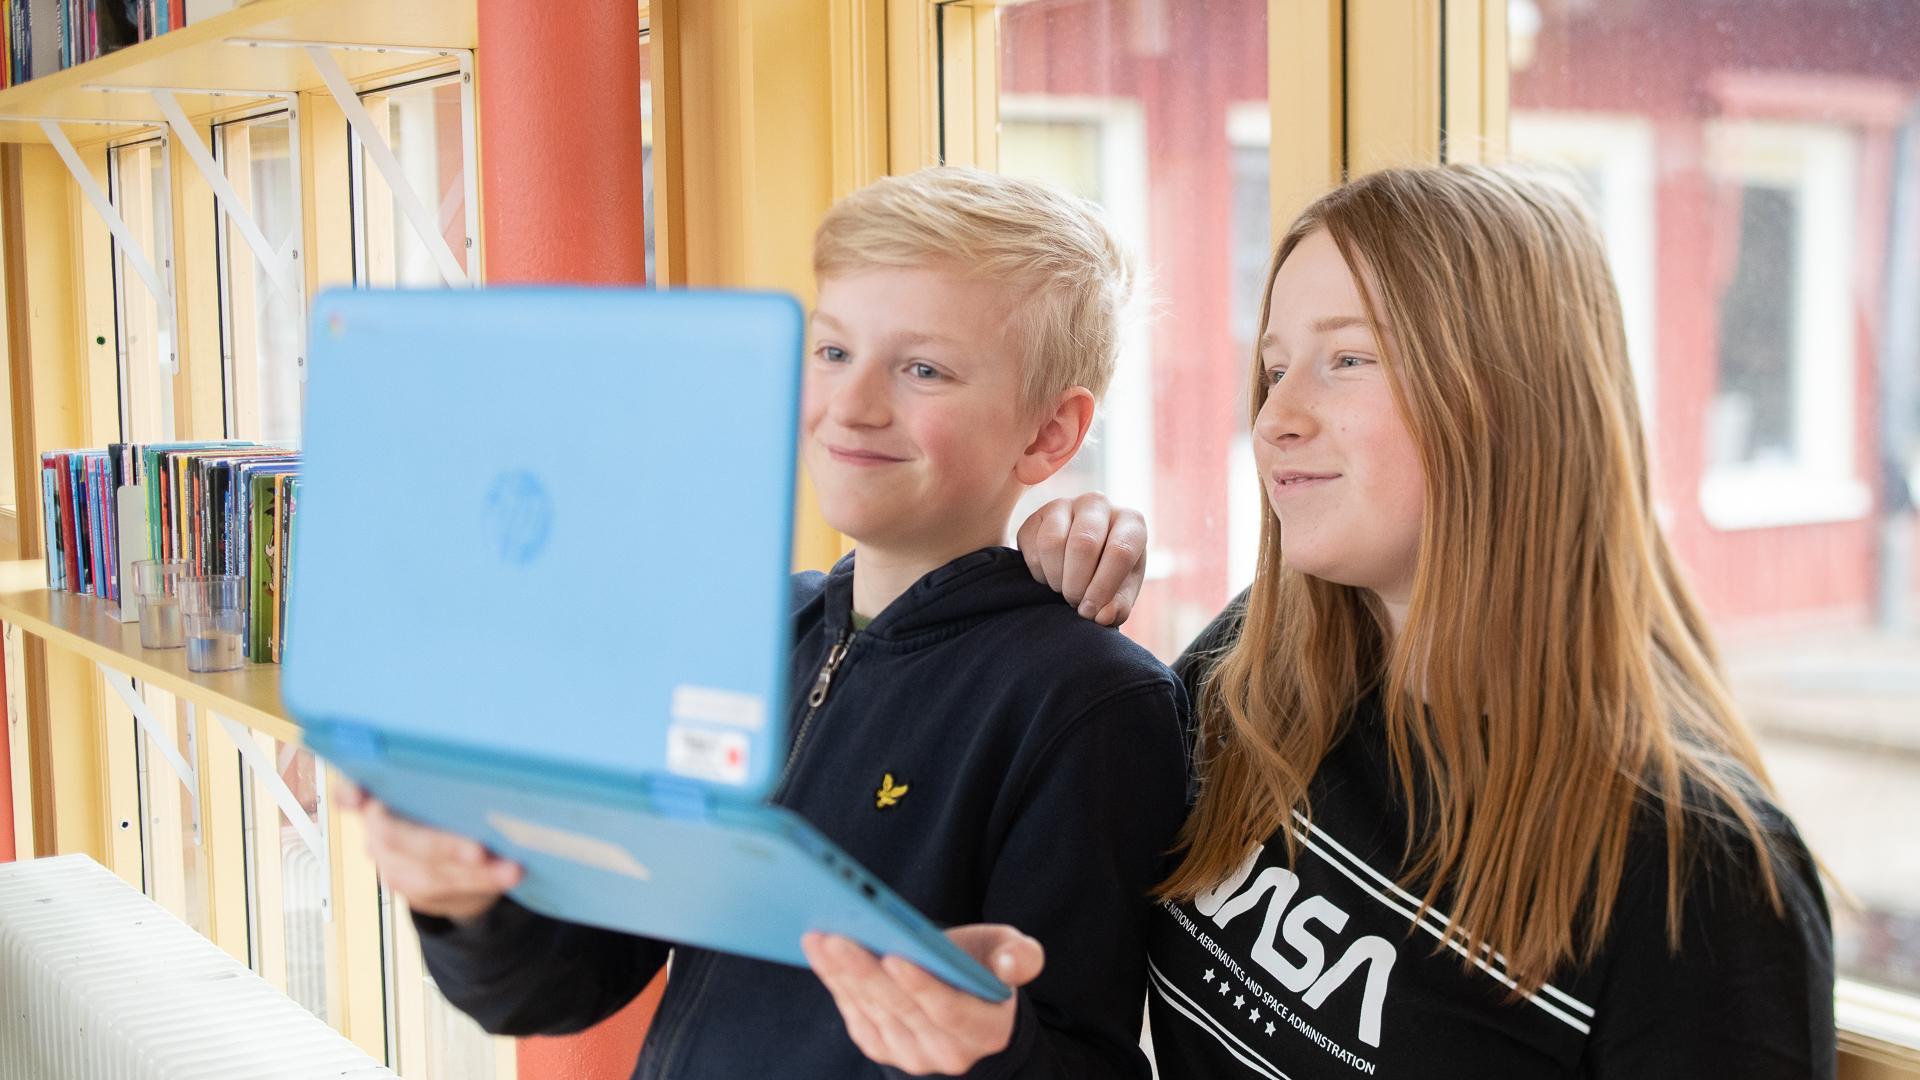 Två elever står framför en glasdörr och tittar på en dator.